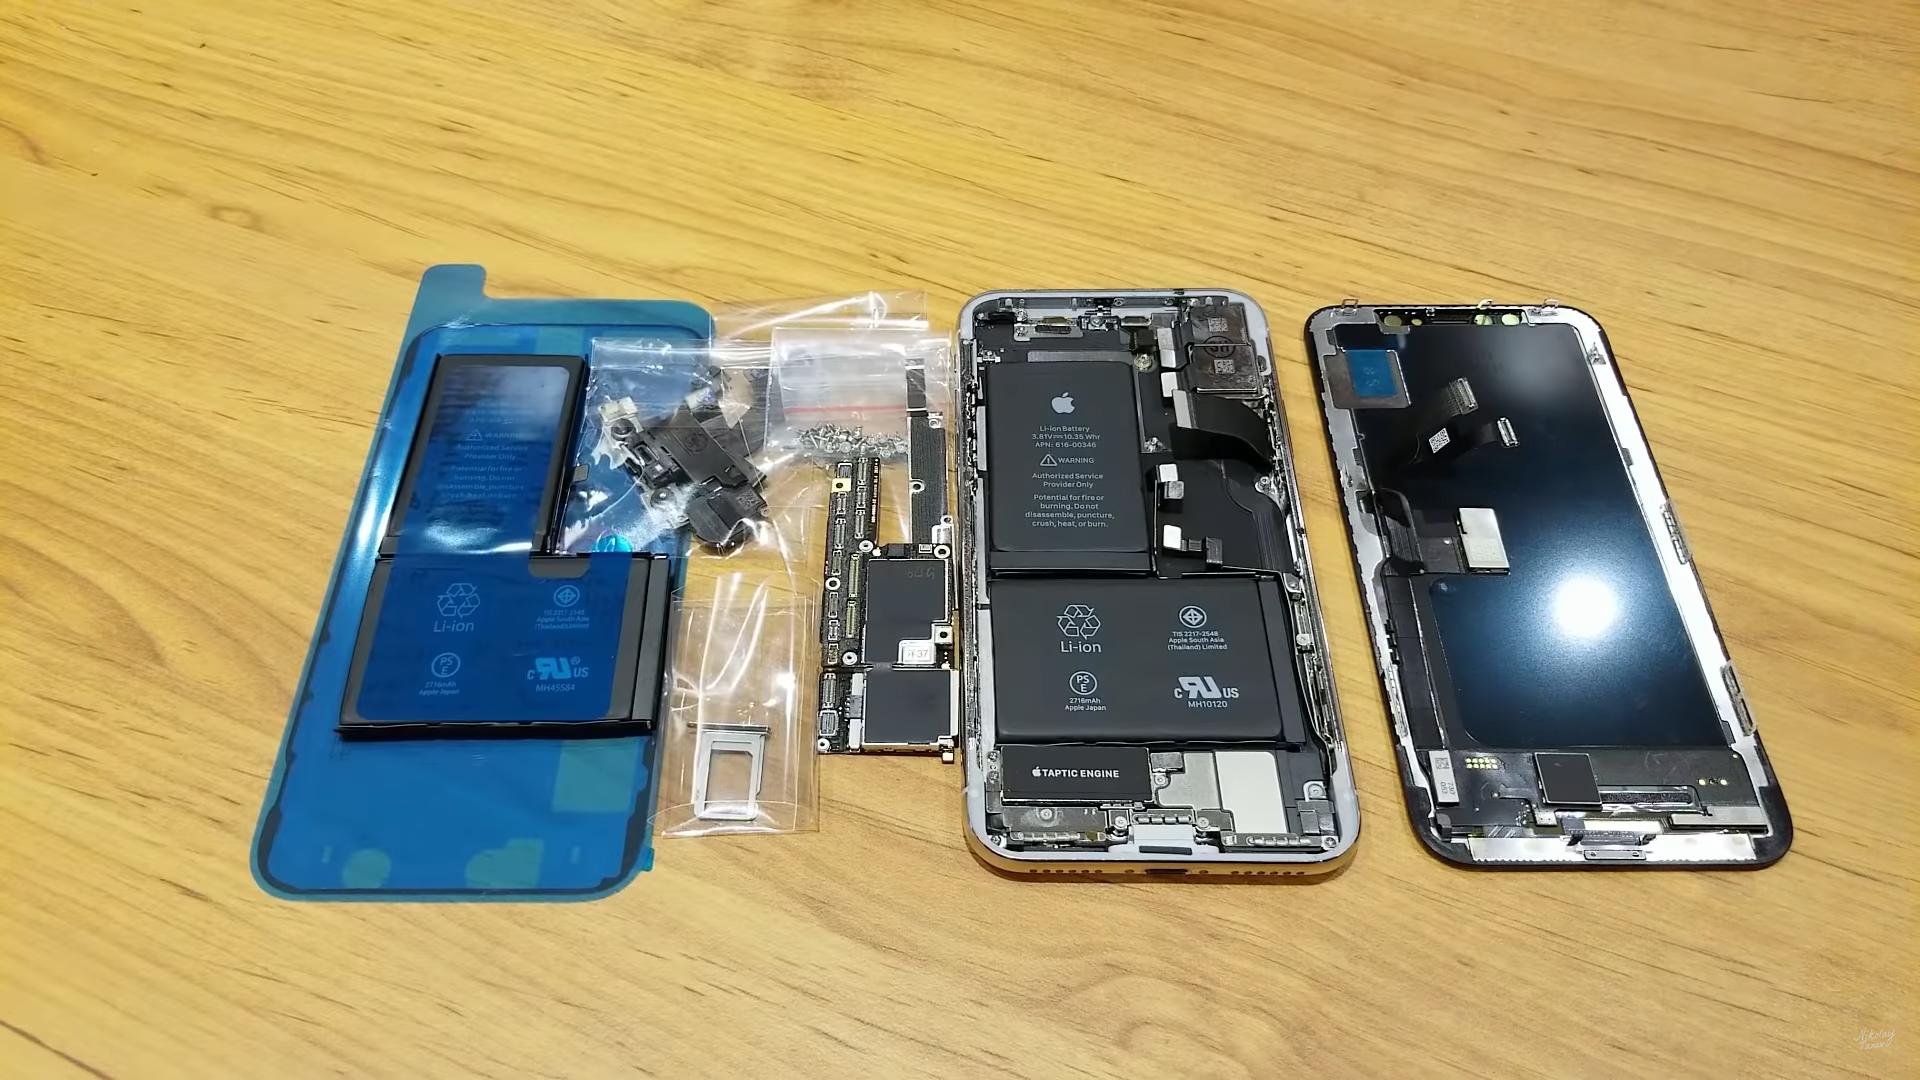 Блогер собрал iPhone X из купленных на китайских рынках запчастей - фото 2 | Сервисный центр Total Apple